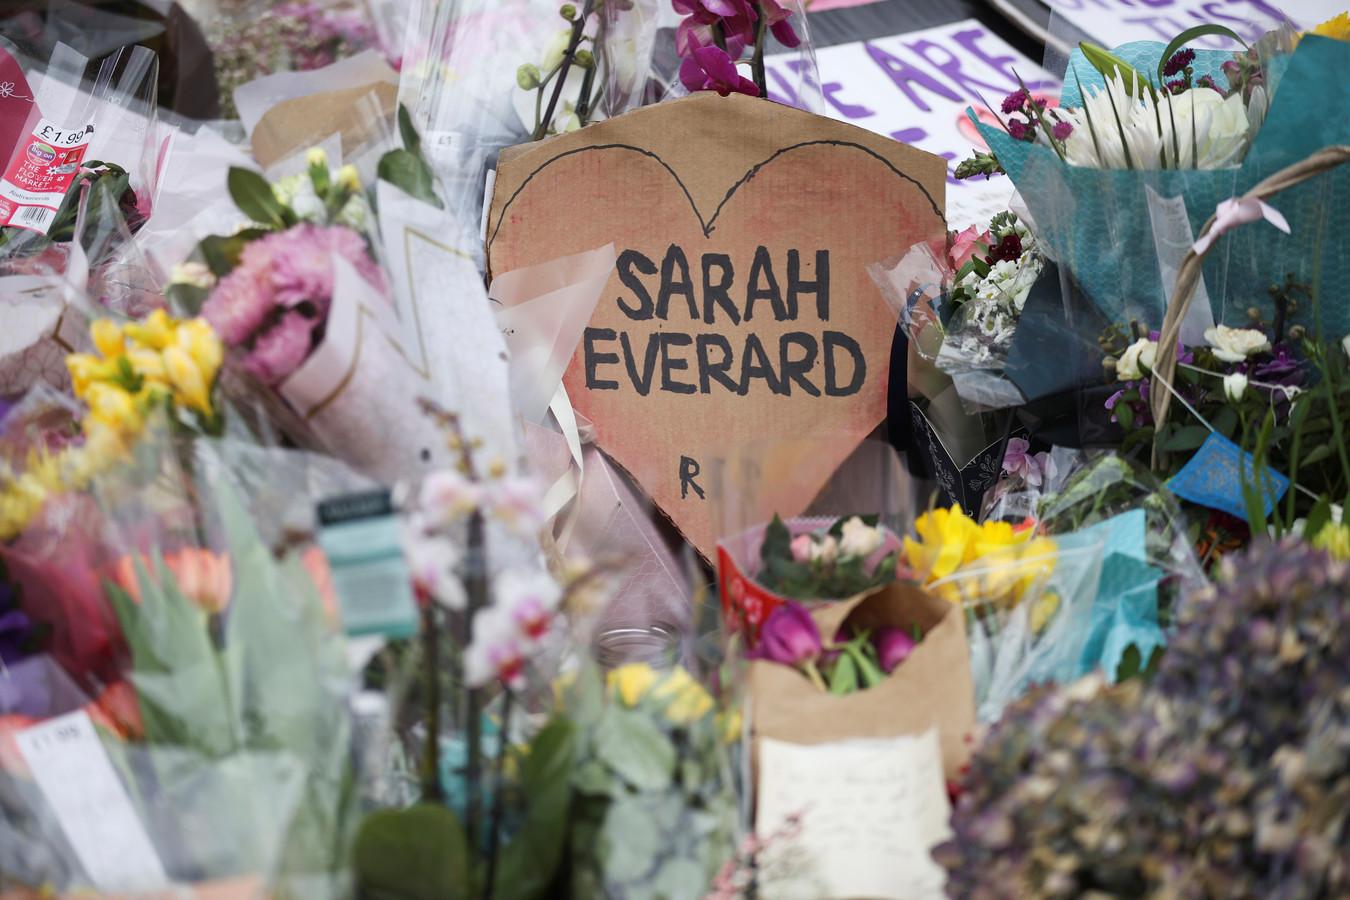 Bloemen om Sarah te herdenken.